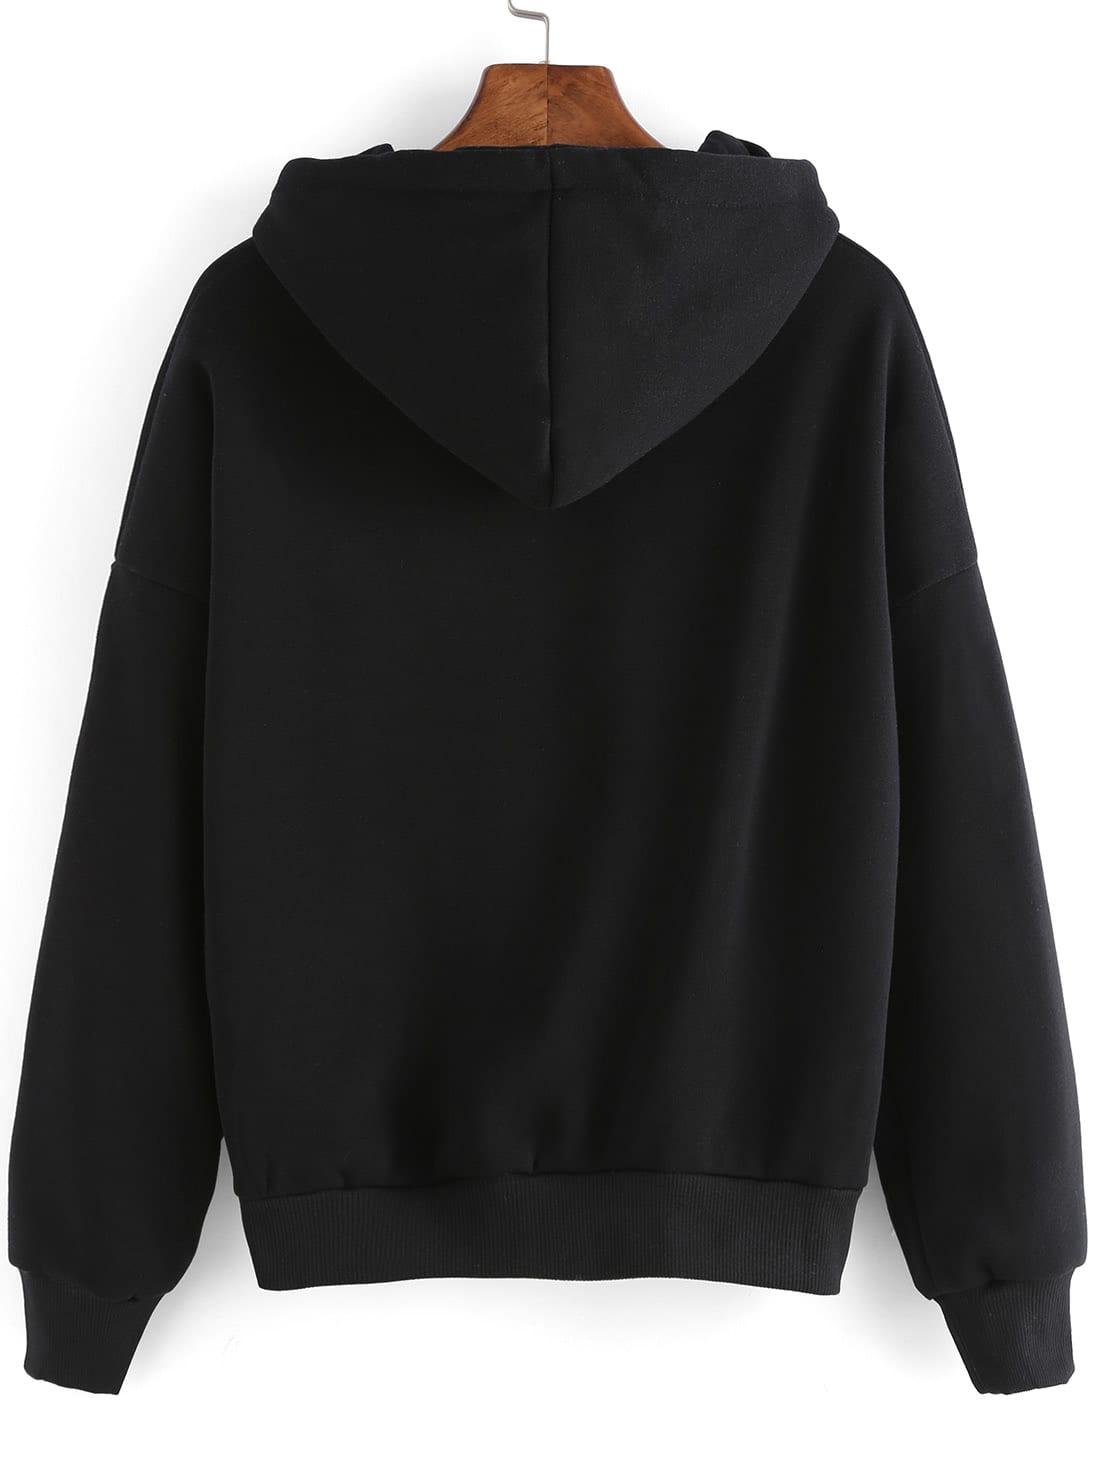 sweatshirt160825128_2